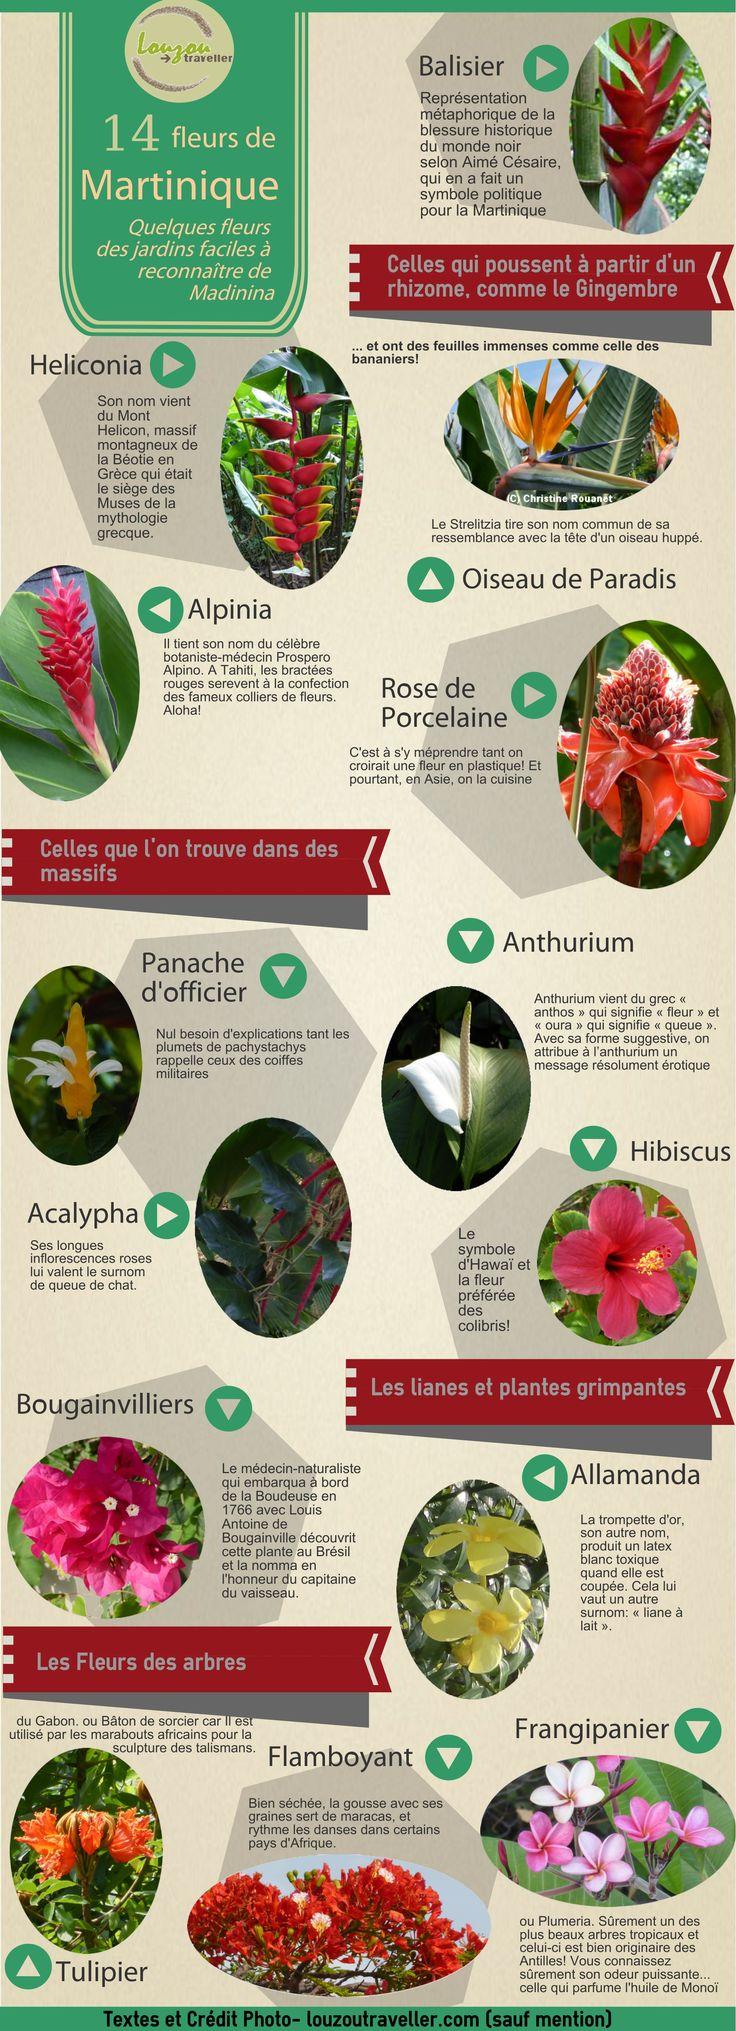 Il y a bien de l'ortie en Martinique même si ce n'est pas tout à fait la même qu'en climat tempéré. Cliquez ici pour connaître ses propriétés.